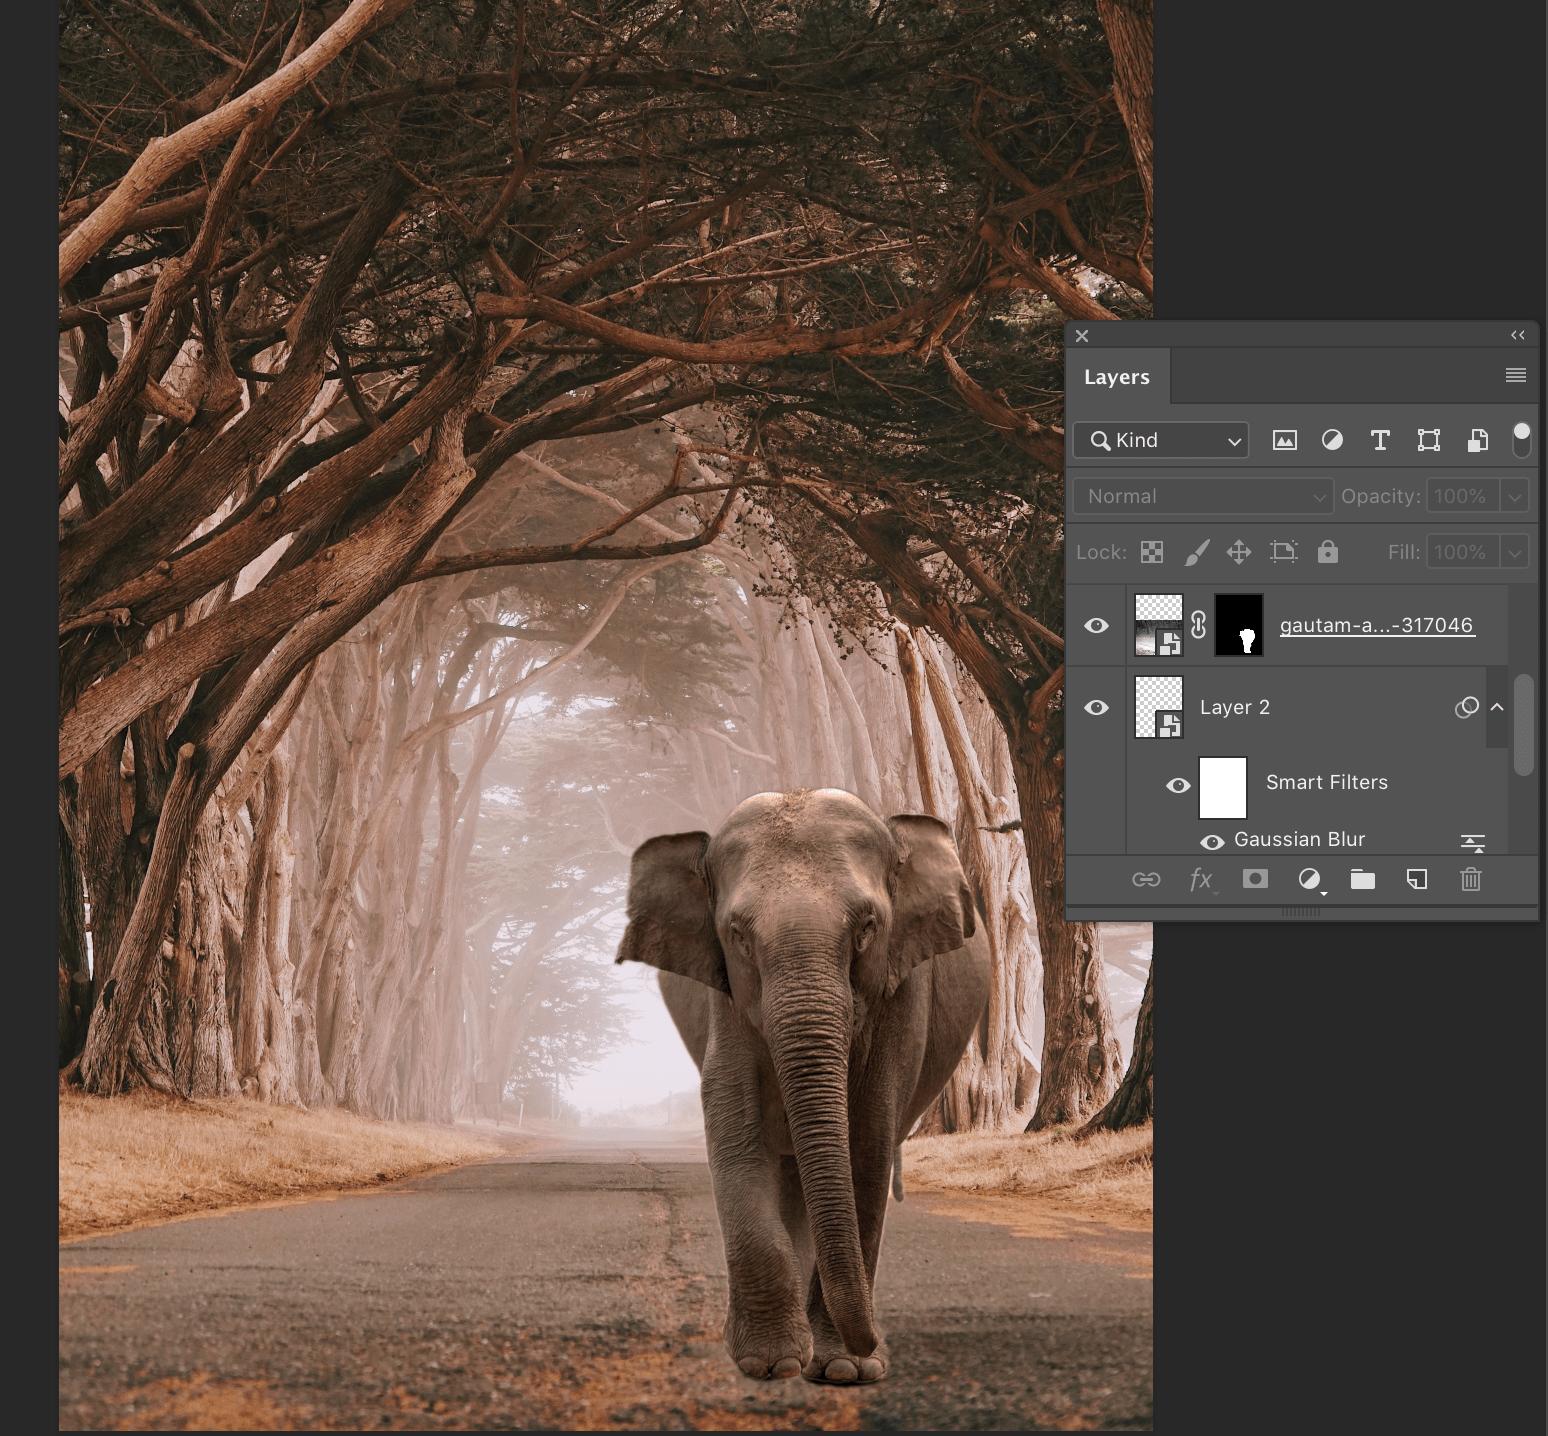 De olifant is nu geplaatst in een andere omgeving